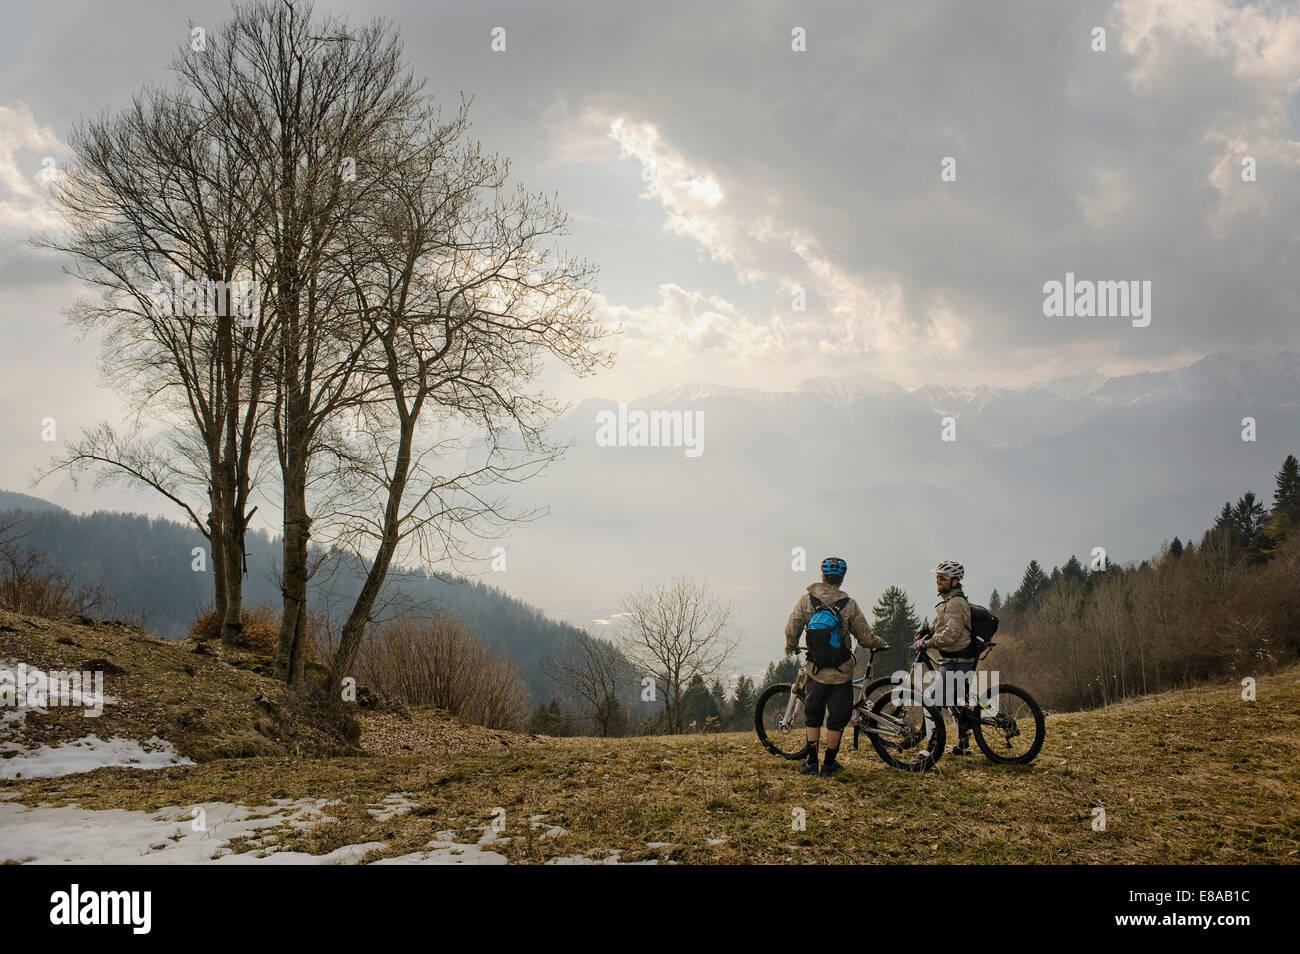 Los hombres con bicicletas de montaña en el Lago de Garda, Italia Imagen De Stock